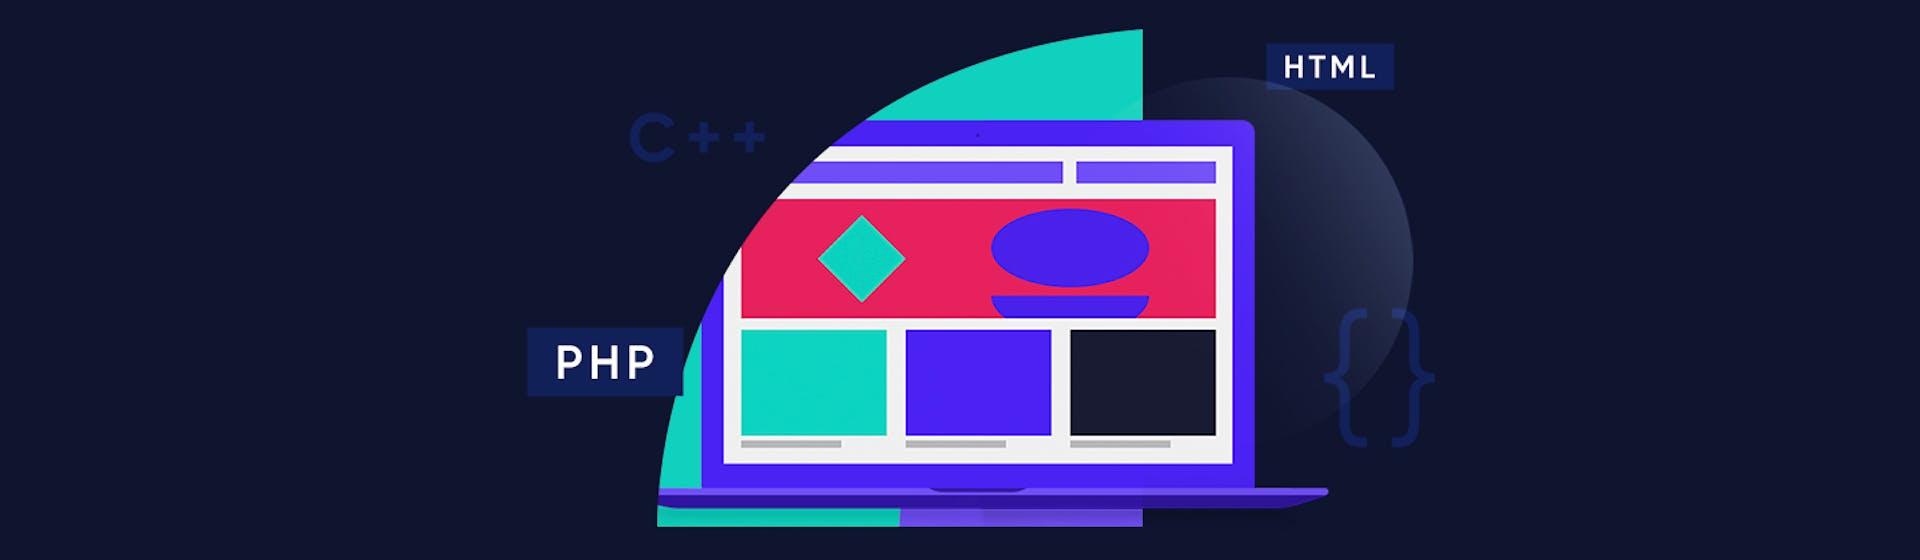 Estos cursos de front end son esenciales para crear sitios web impresionantes